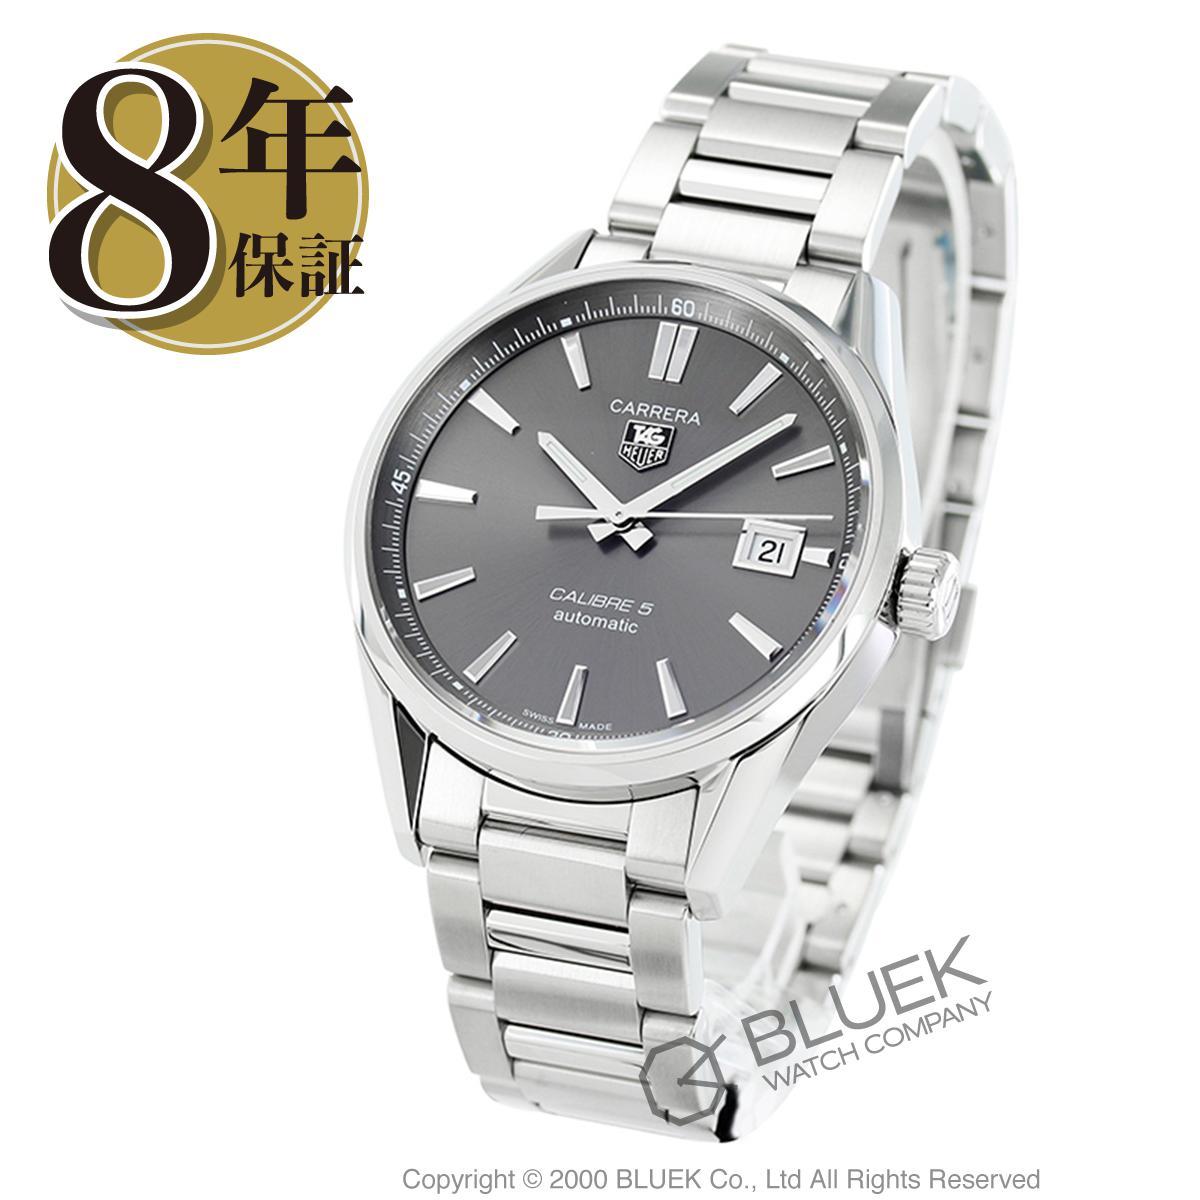 【3,000円OFFクーポン対象】タグホイヤー カレラ 腕時計 メンズ TAG Heuer WAR211C.BA0782_8